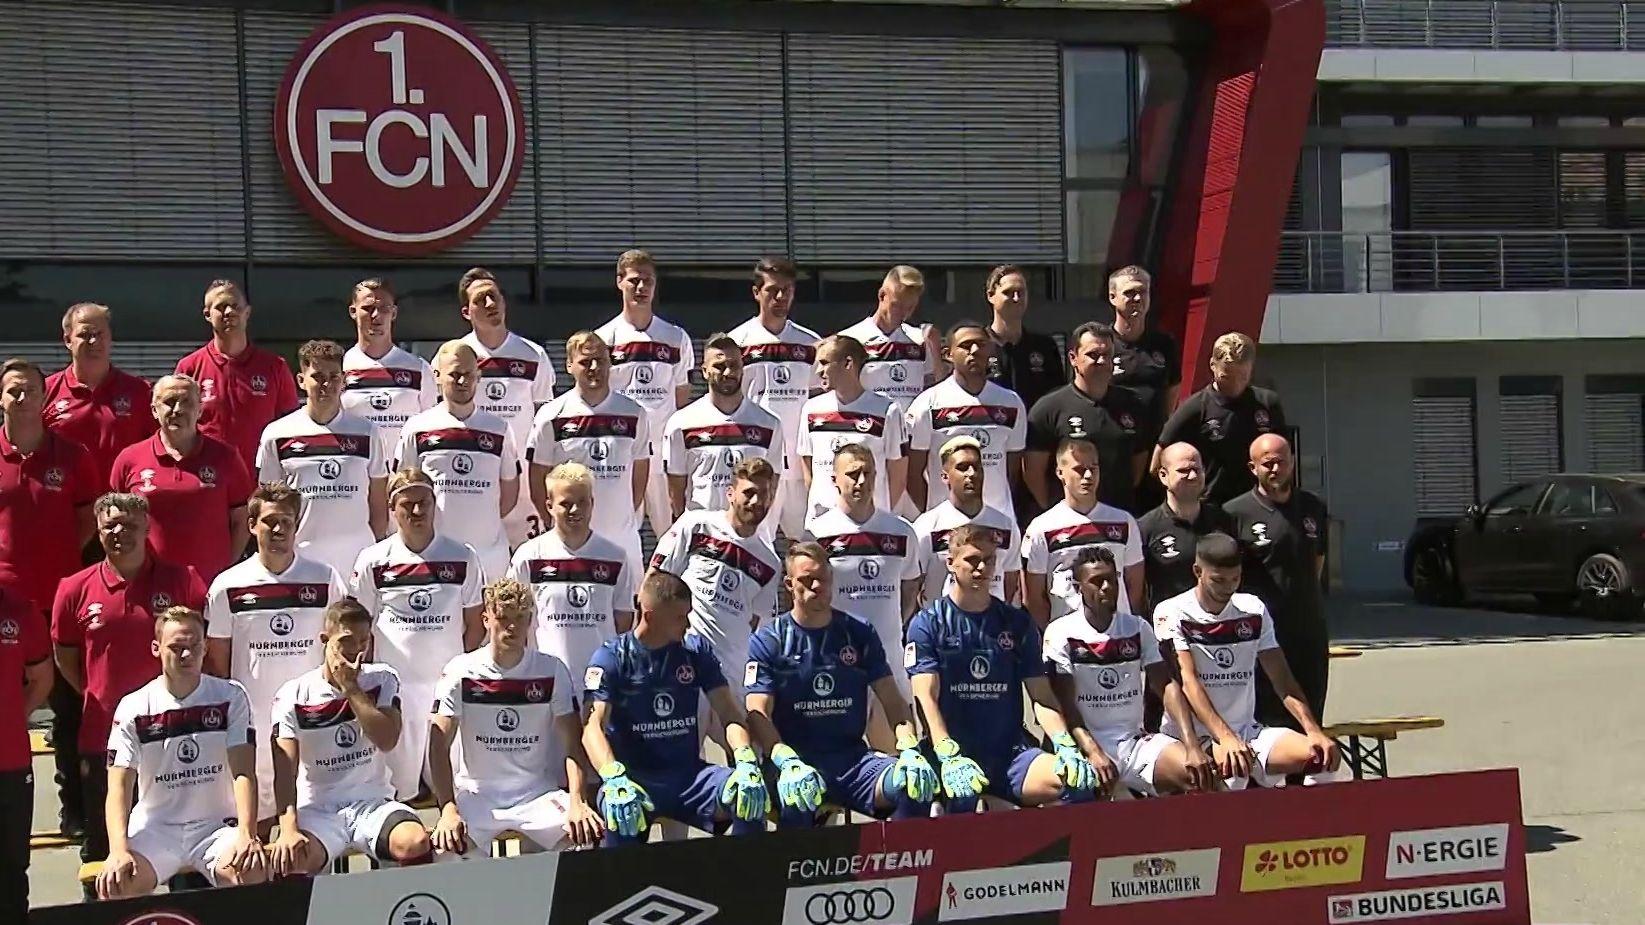 Mannschaftsfoto des 1. FC Nürnberg